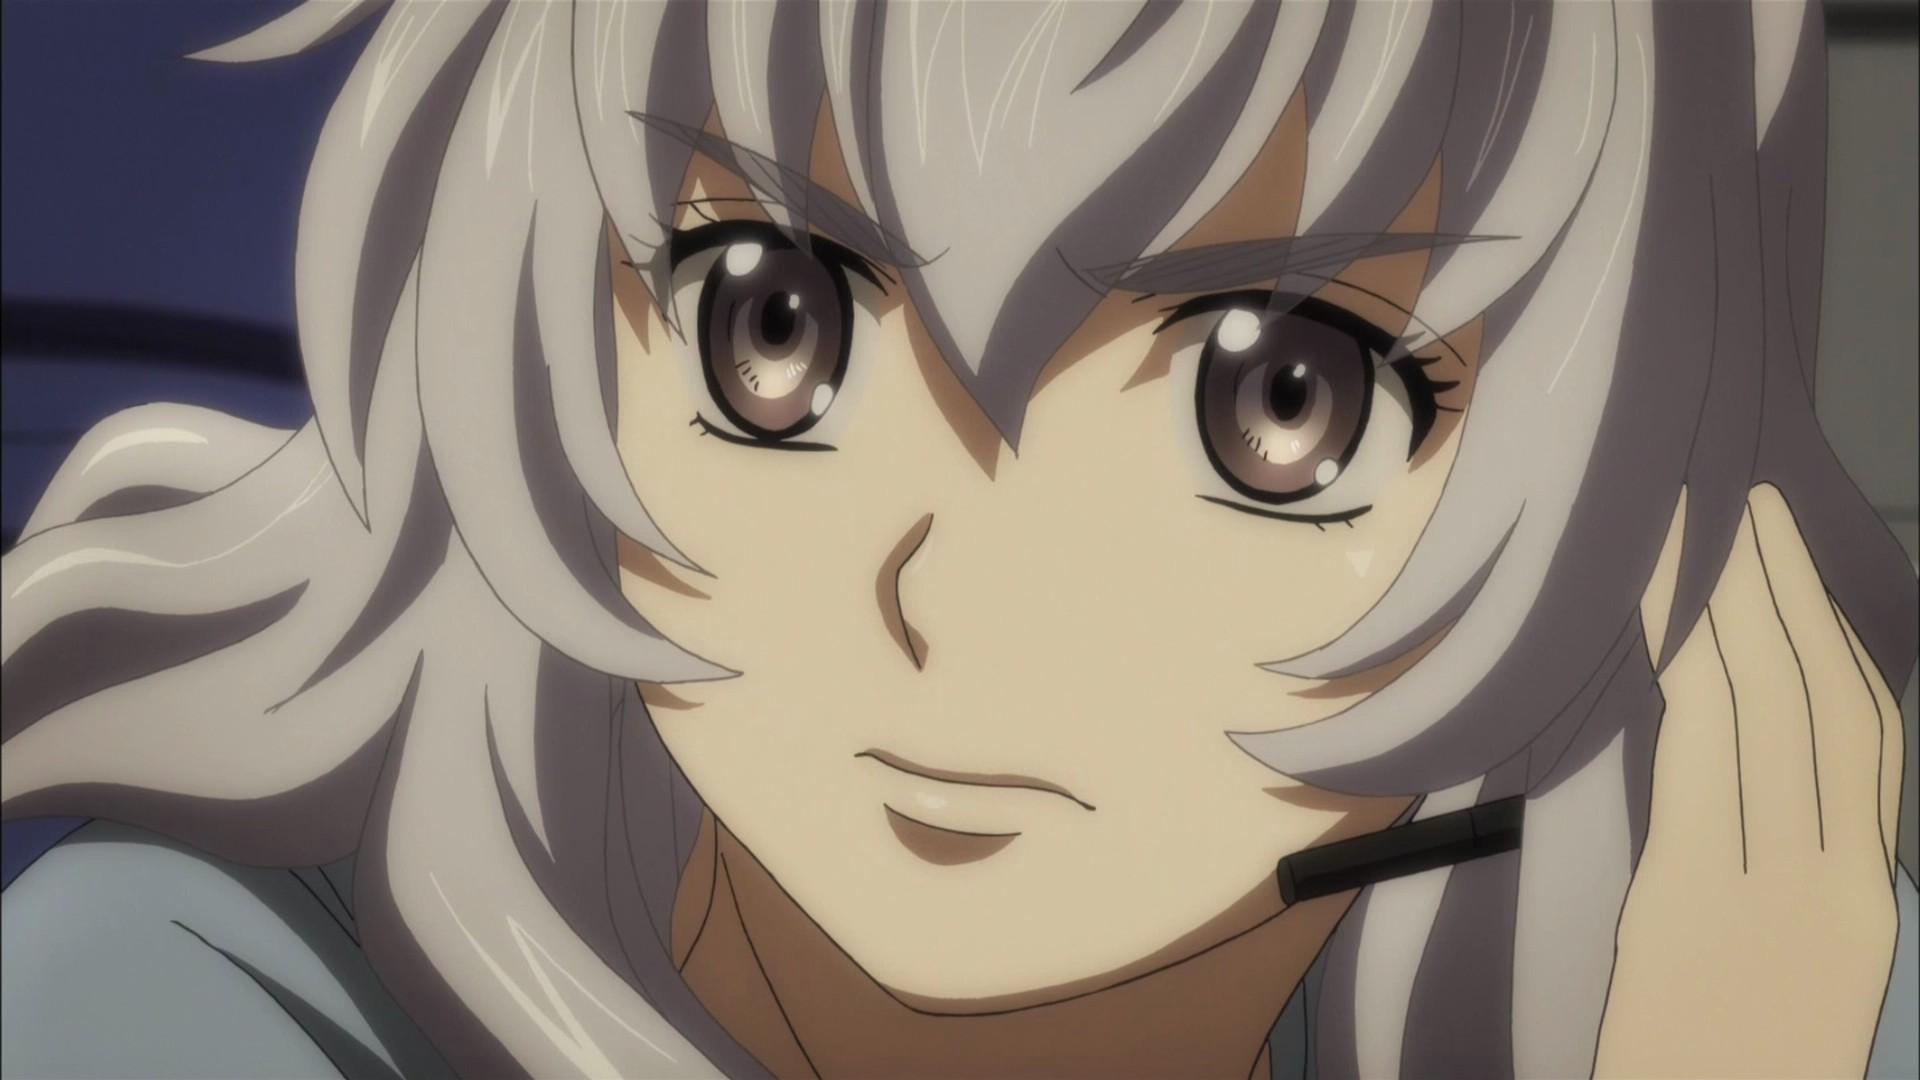 フルメタル・パニック!IV 第九話「堕ちた魔女」視聴感想【ネタバレあり】